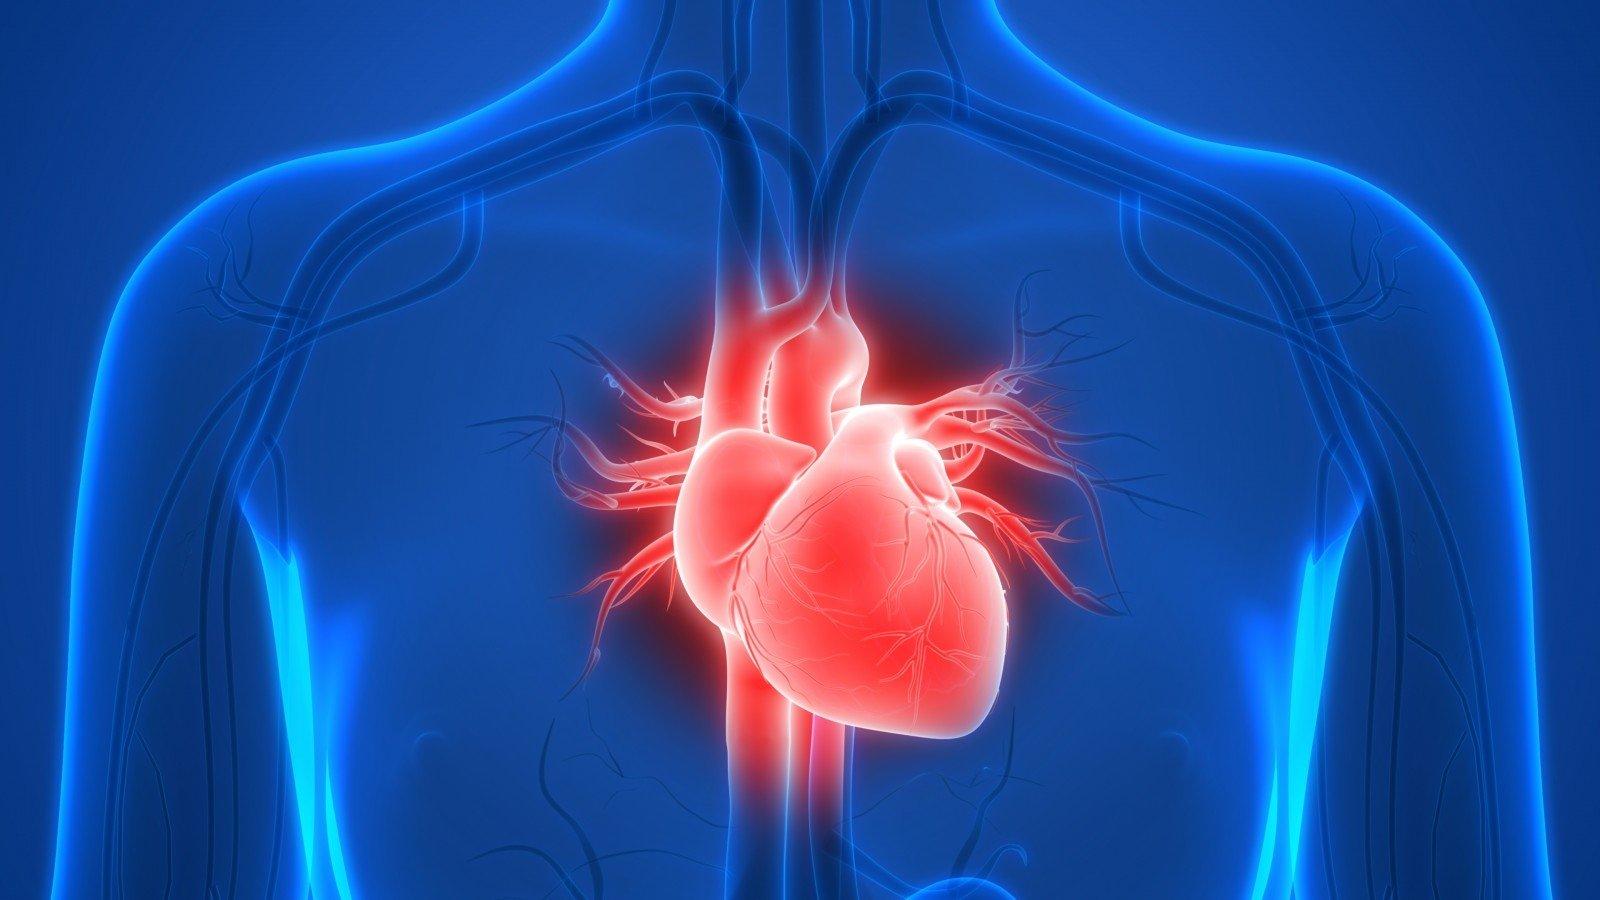 Širdies ligos kasmet nusineša milijonus gyvybių: ekspertai paragino keisti šiuos įpročius